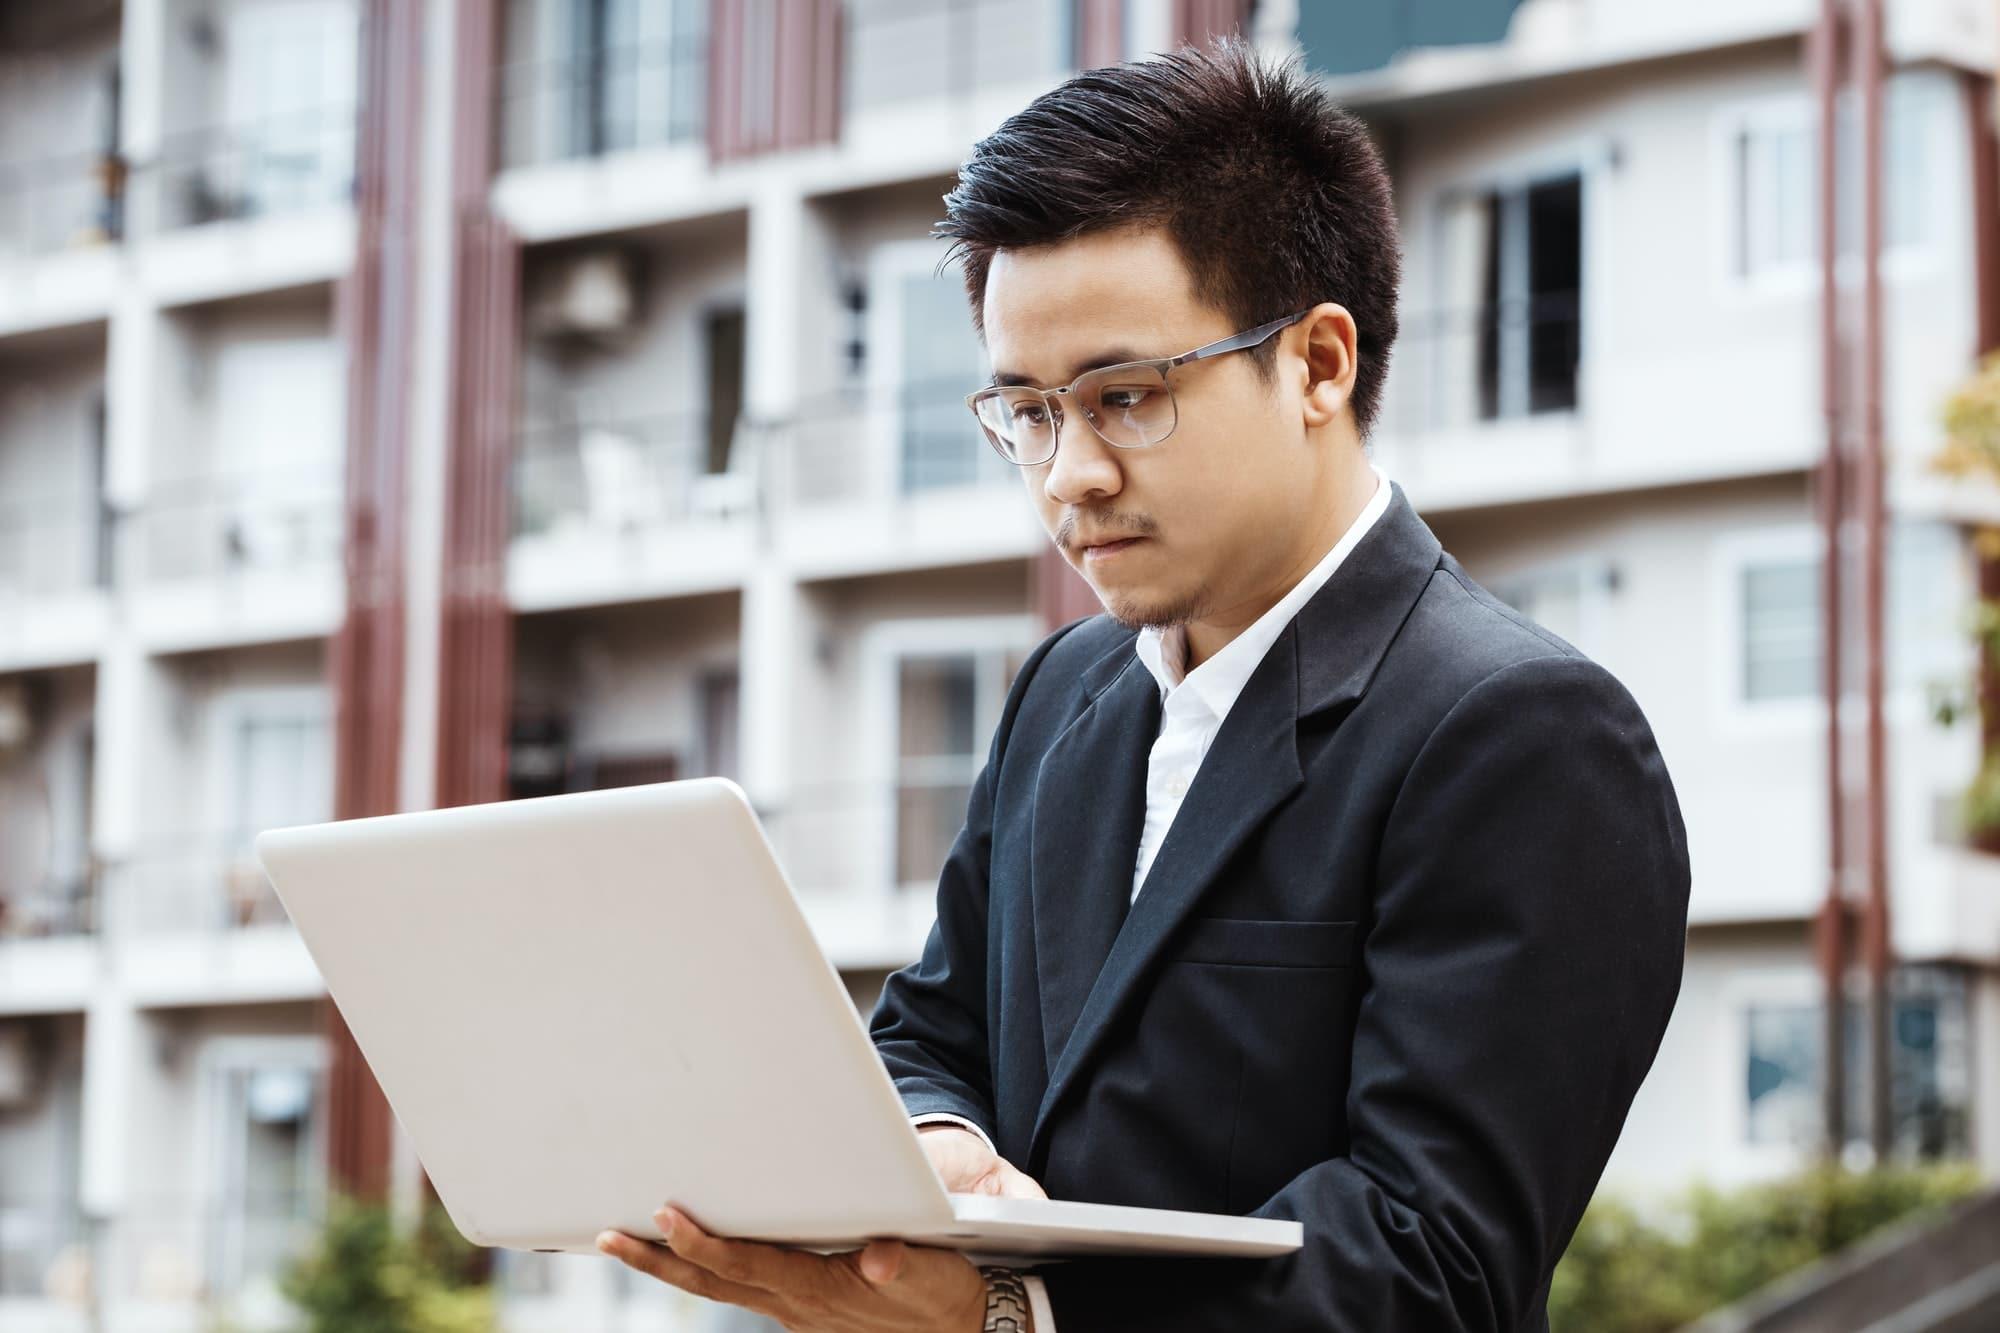 概念业务-英俊的亚洲业务人致力于与笔记本电脑的房地产投资